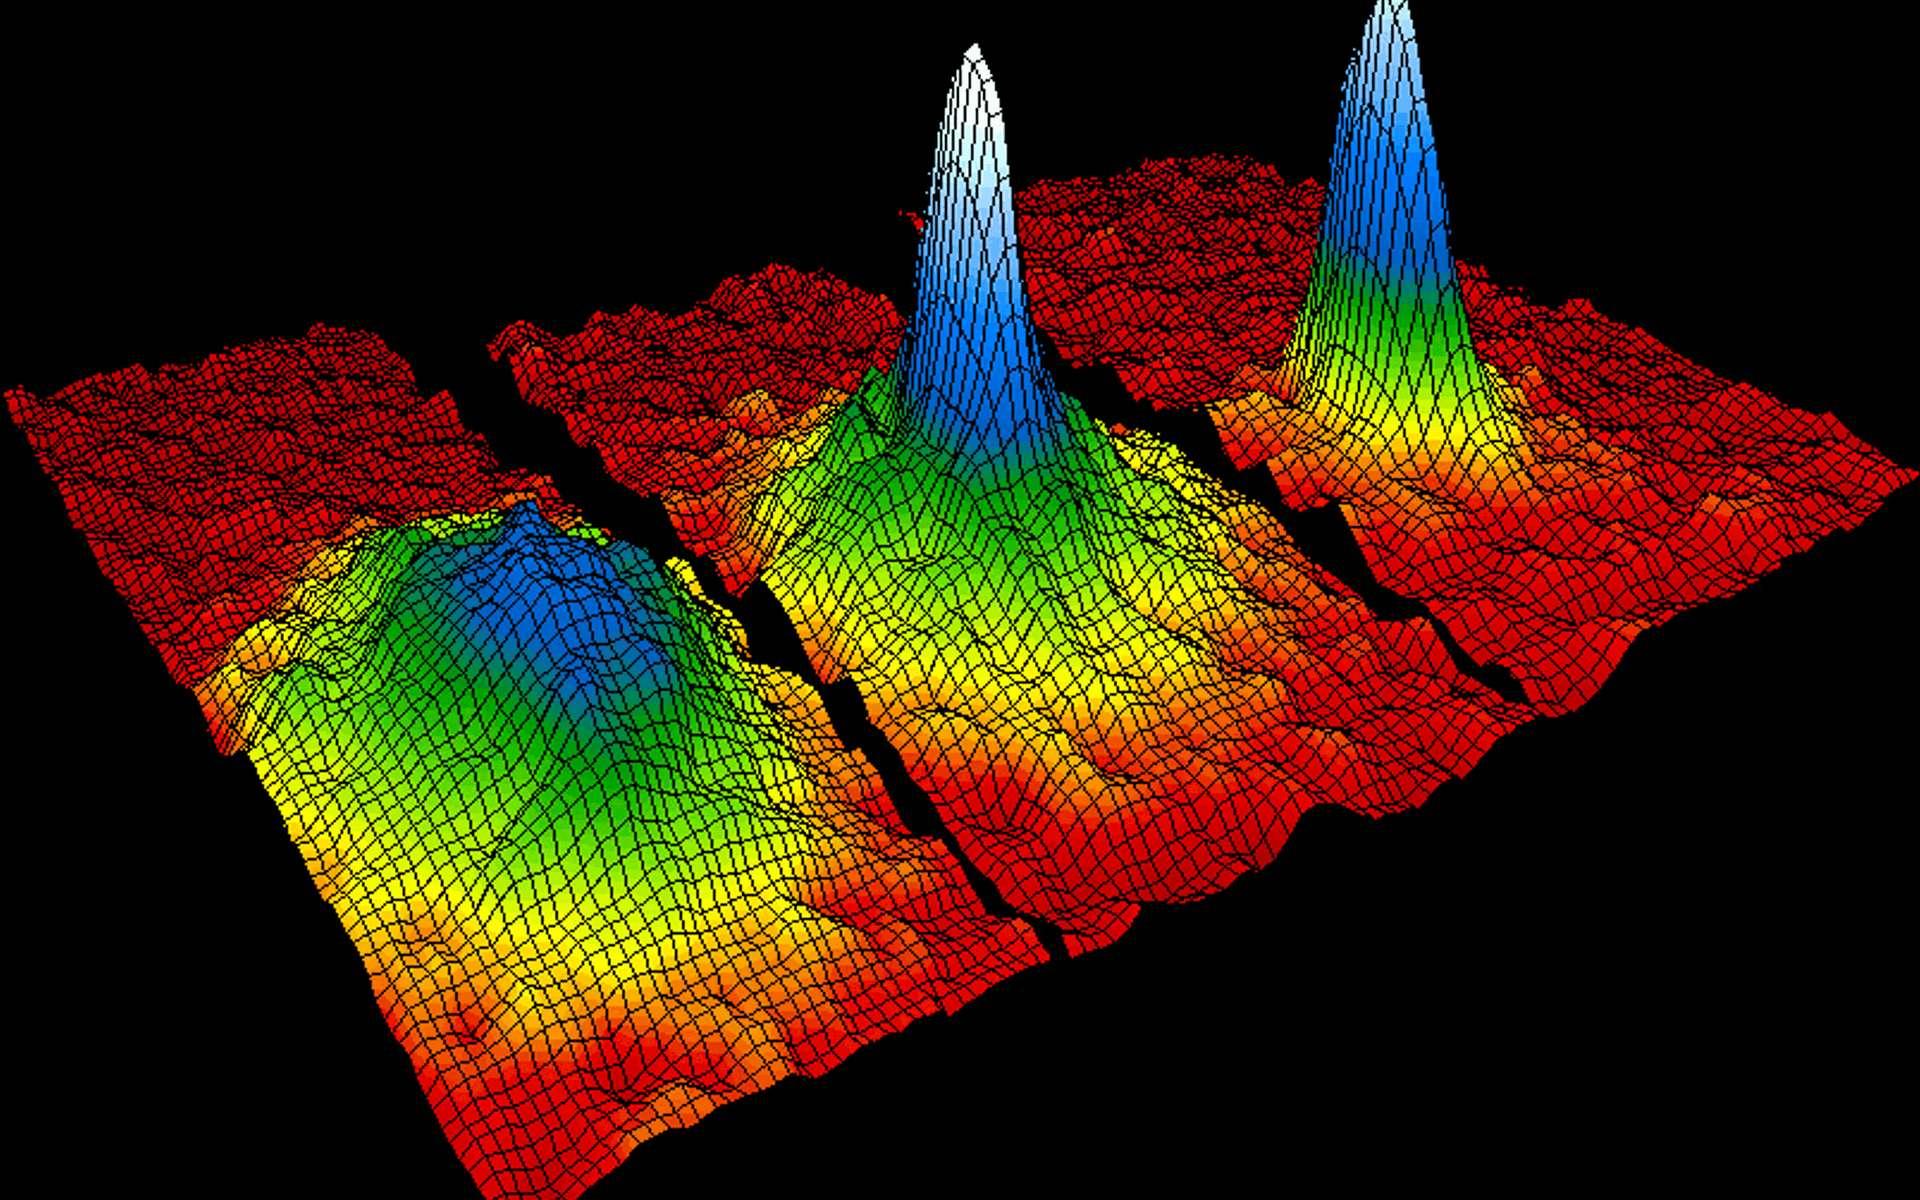 Les chercheurs ont réalisé un condensat de Bose-Einstein et révélé un effet EPR avec 480 atomes. Ce record devrait permettre de mieux comprendre le monde de la physique quantique. Ici, un graphique montrant la formation d'un condensat de Bose-Einstein en trois états successifs : les atomes sont de plus en plus denses (de la gauche vers la droite). © NIST Image